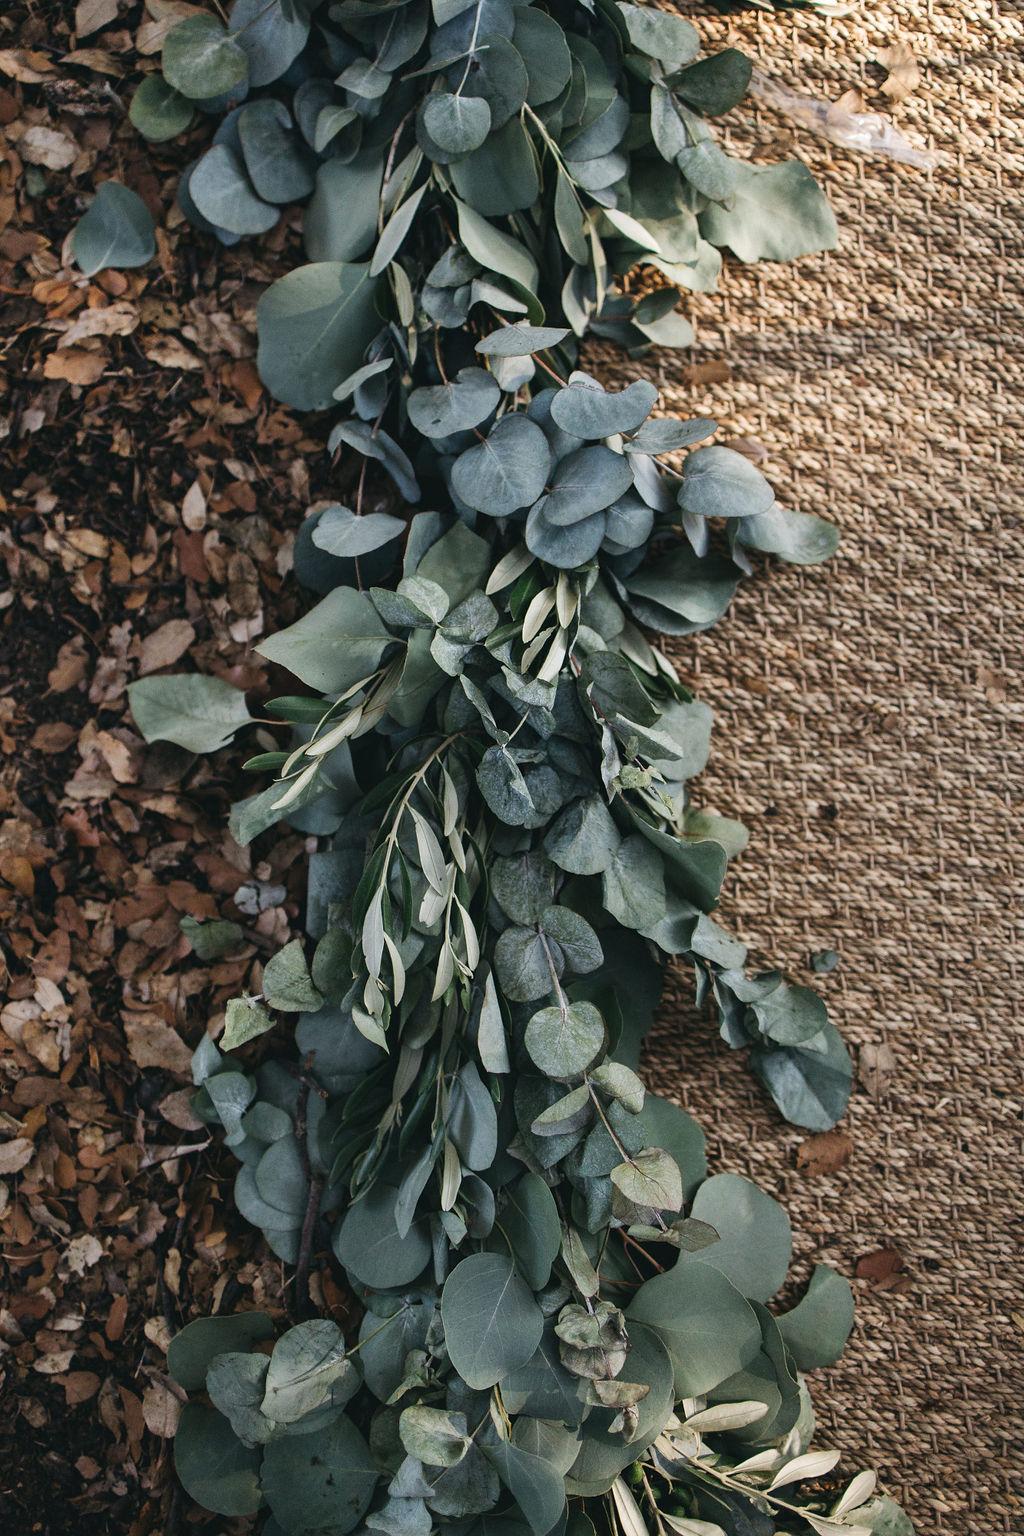 mariage au thème eucalyptus. Guirlande de feuillage, guirlande d'eucalyptus. Empreinte éphémère wedding planner Provence, paris et normandie